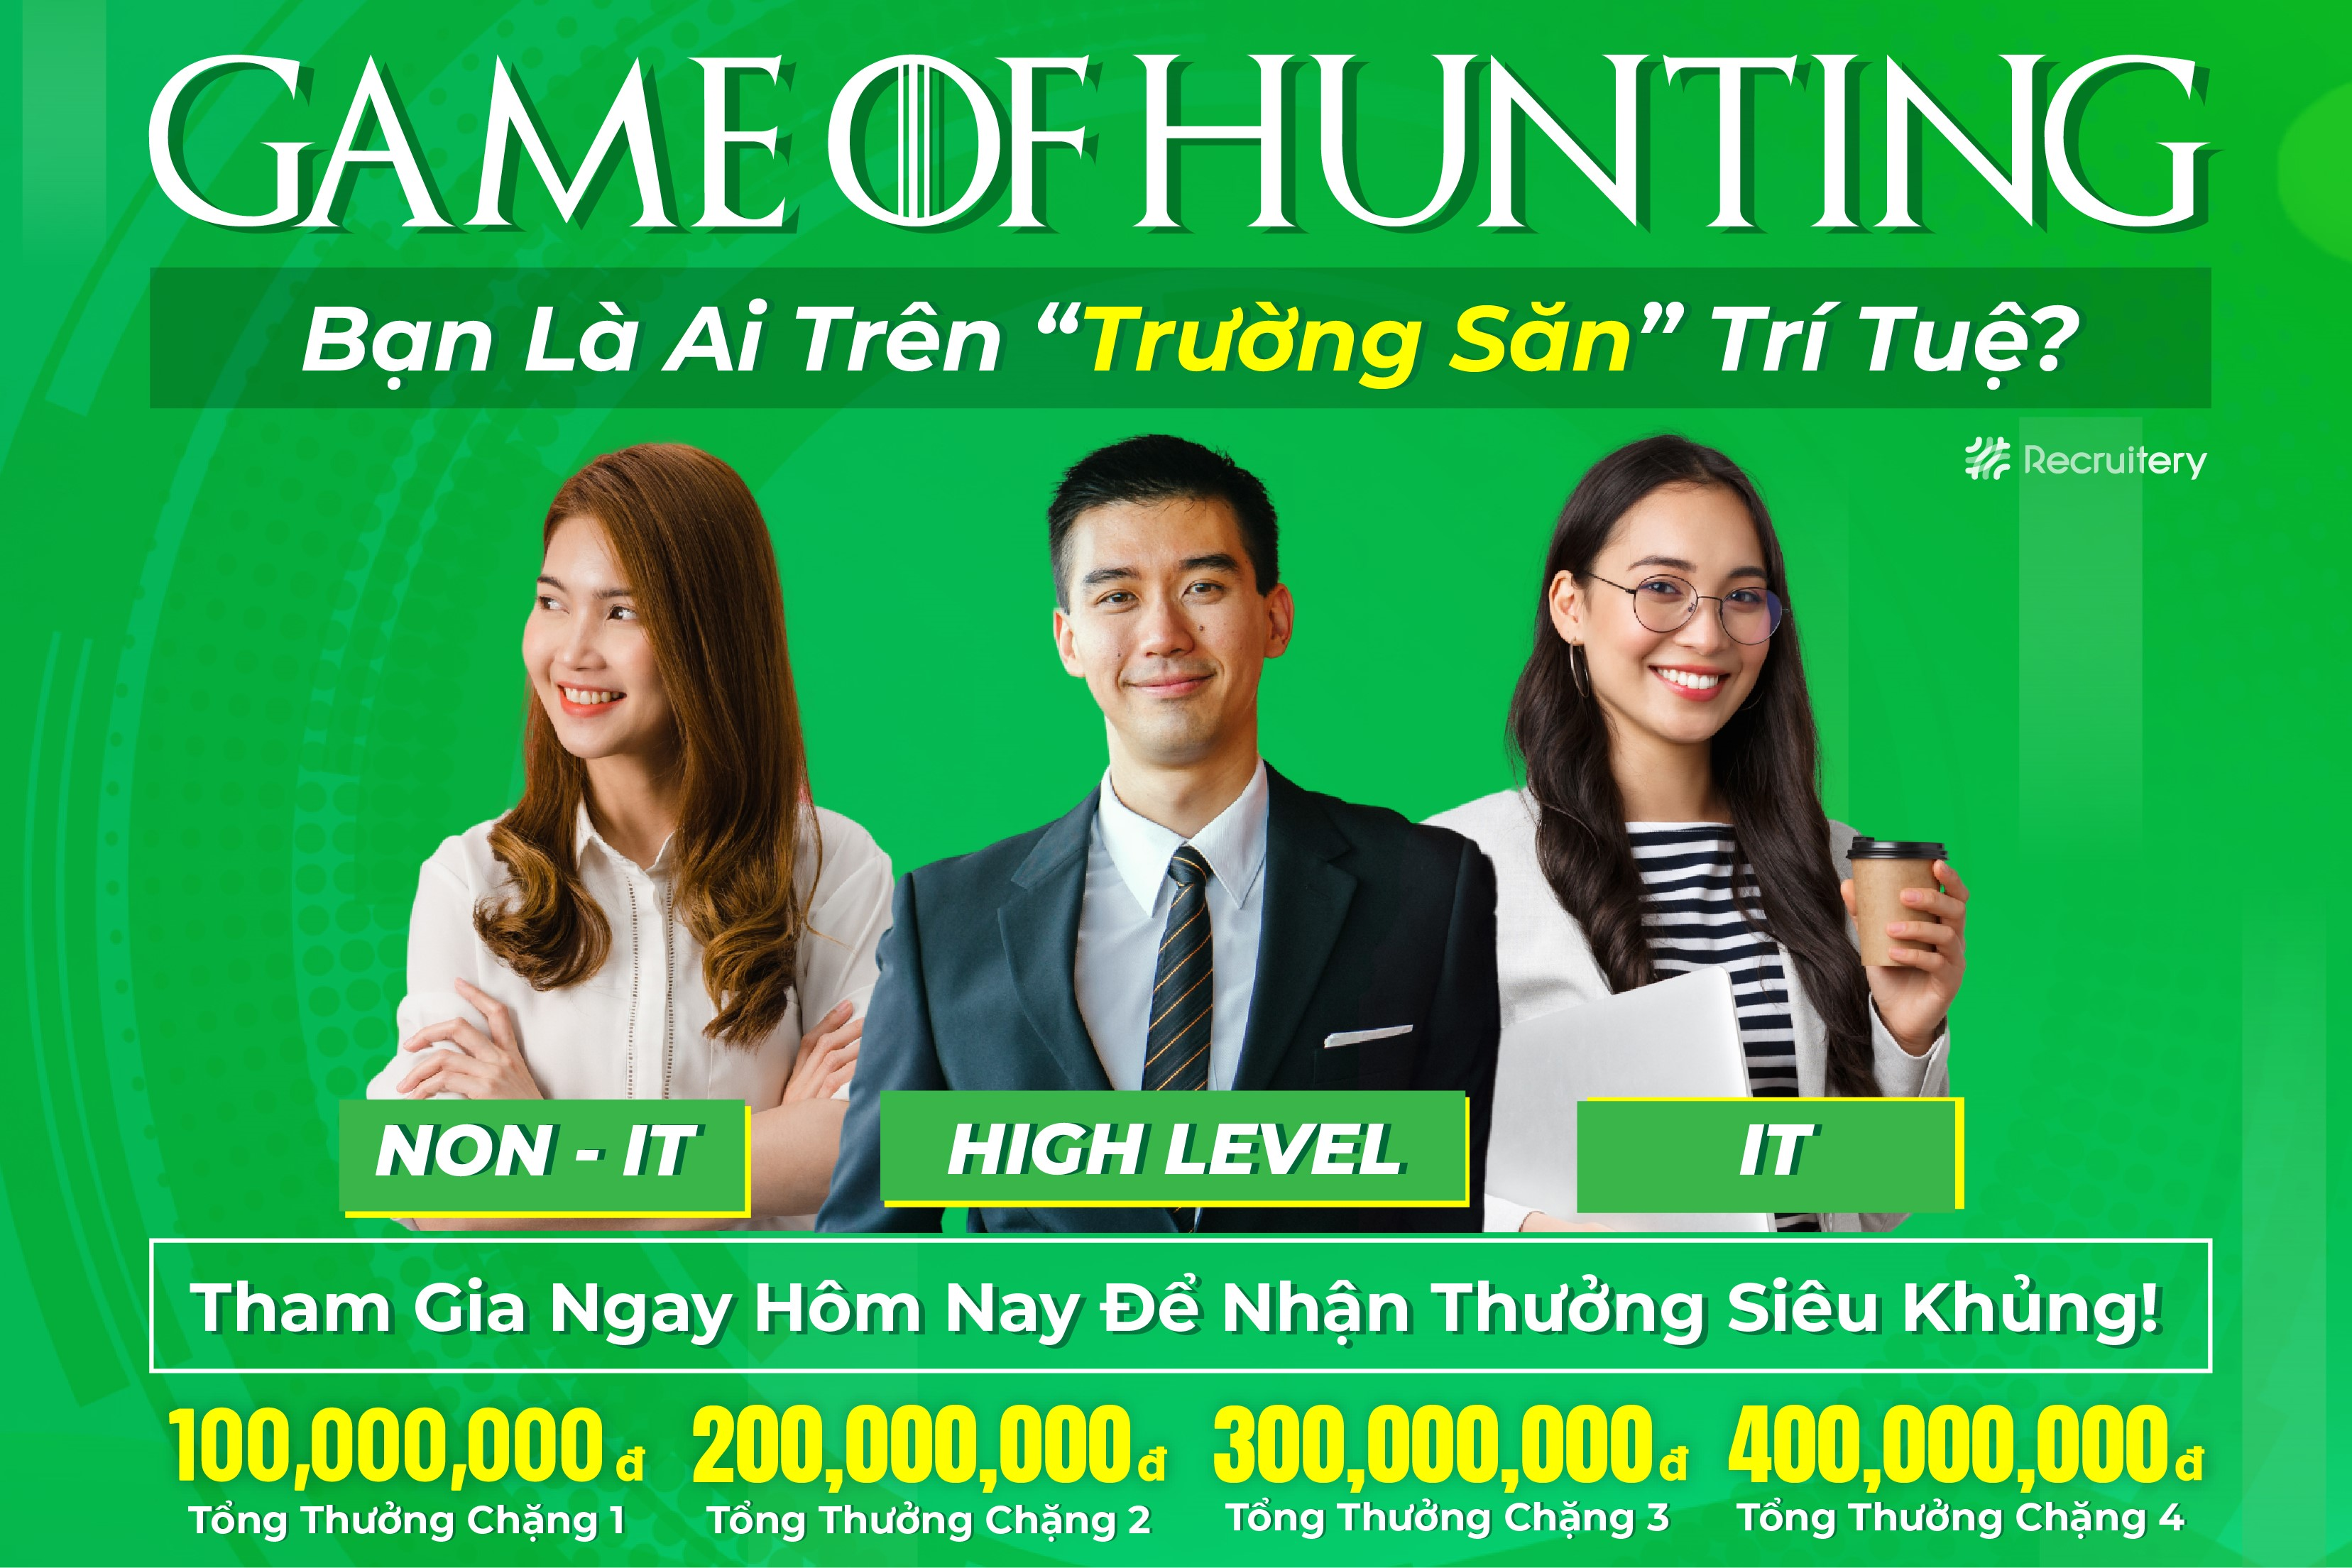 Game Of Hunting - Cùng Recruitery Tìm Ra Thế Mạnh Của Bạn Trên Trường Săn